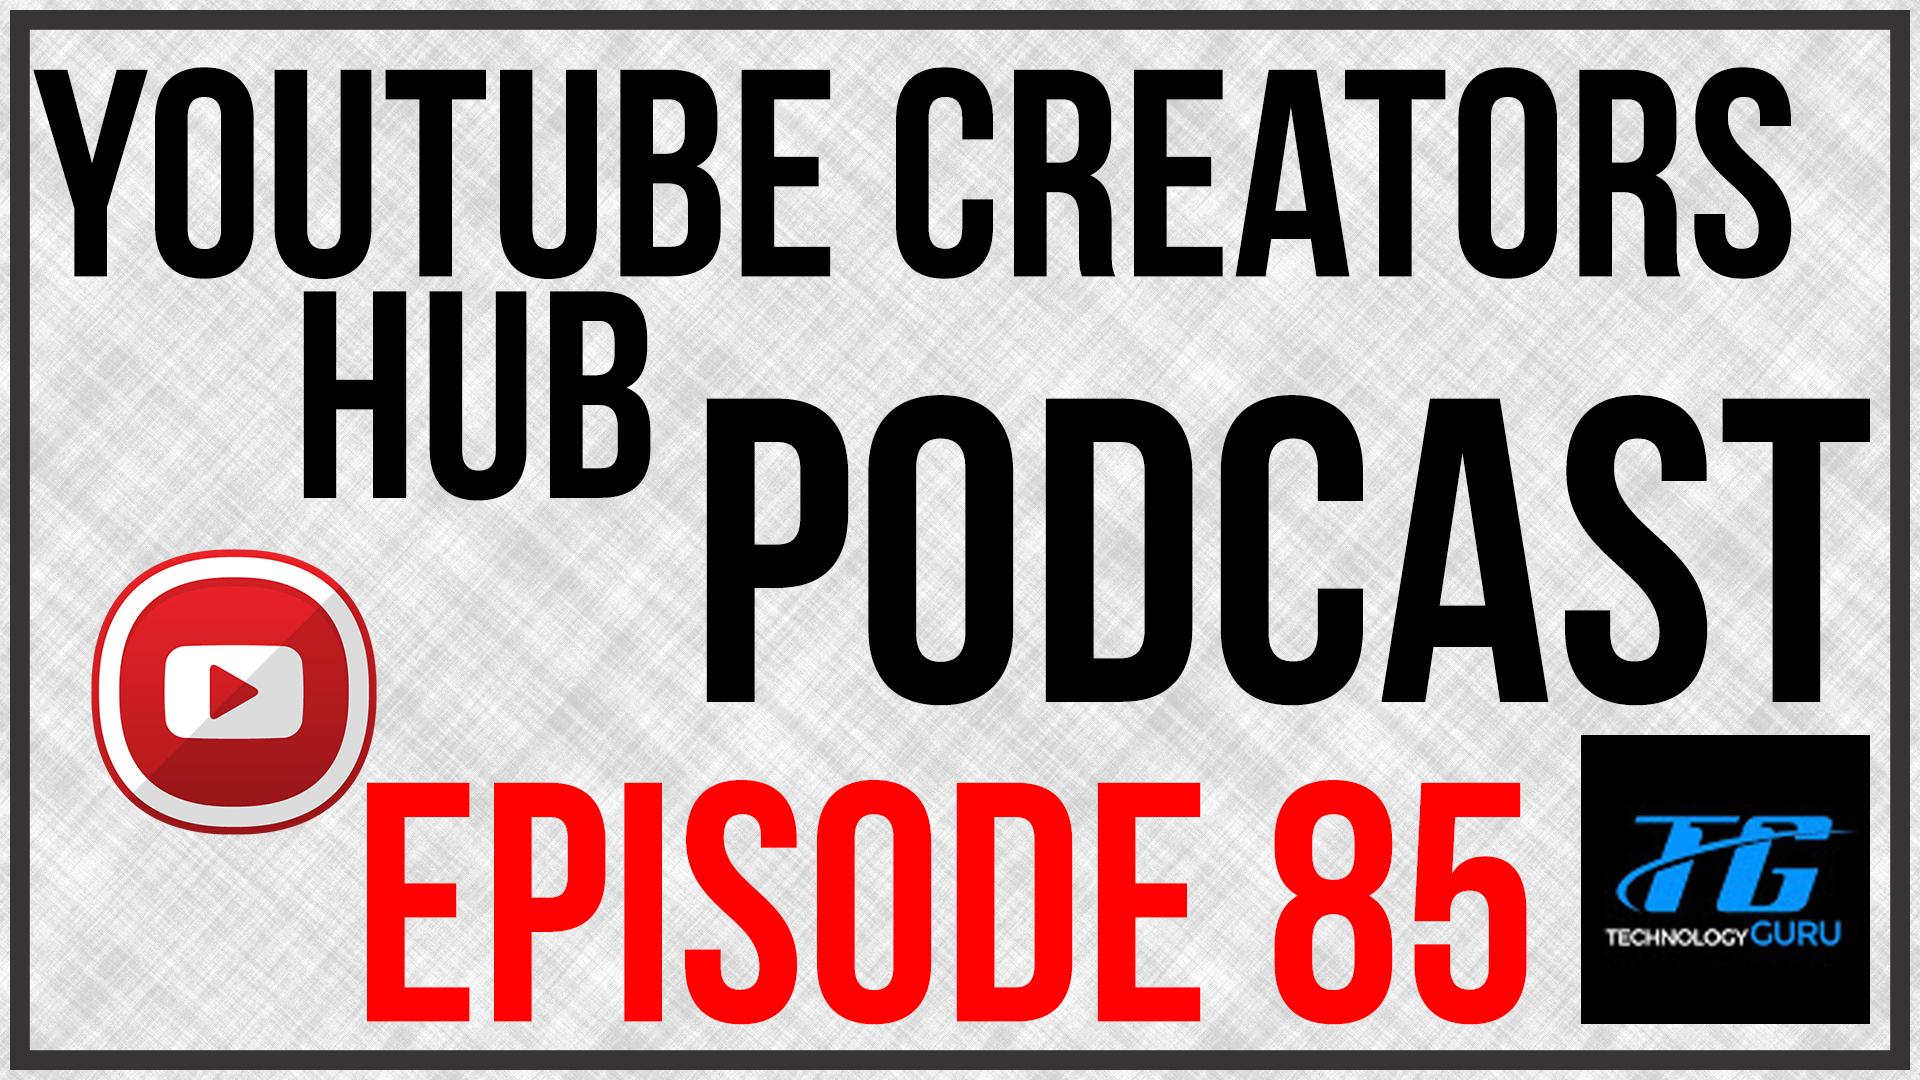 YouTube Creators Hub Episode 85